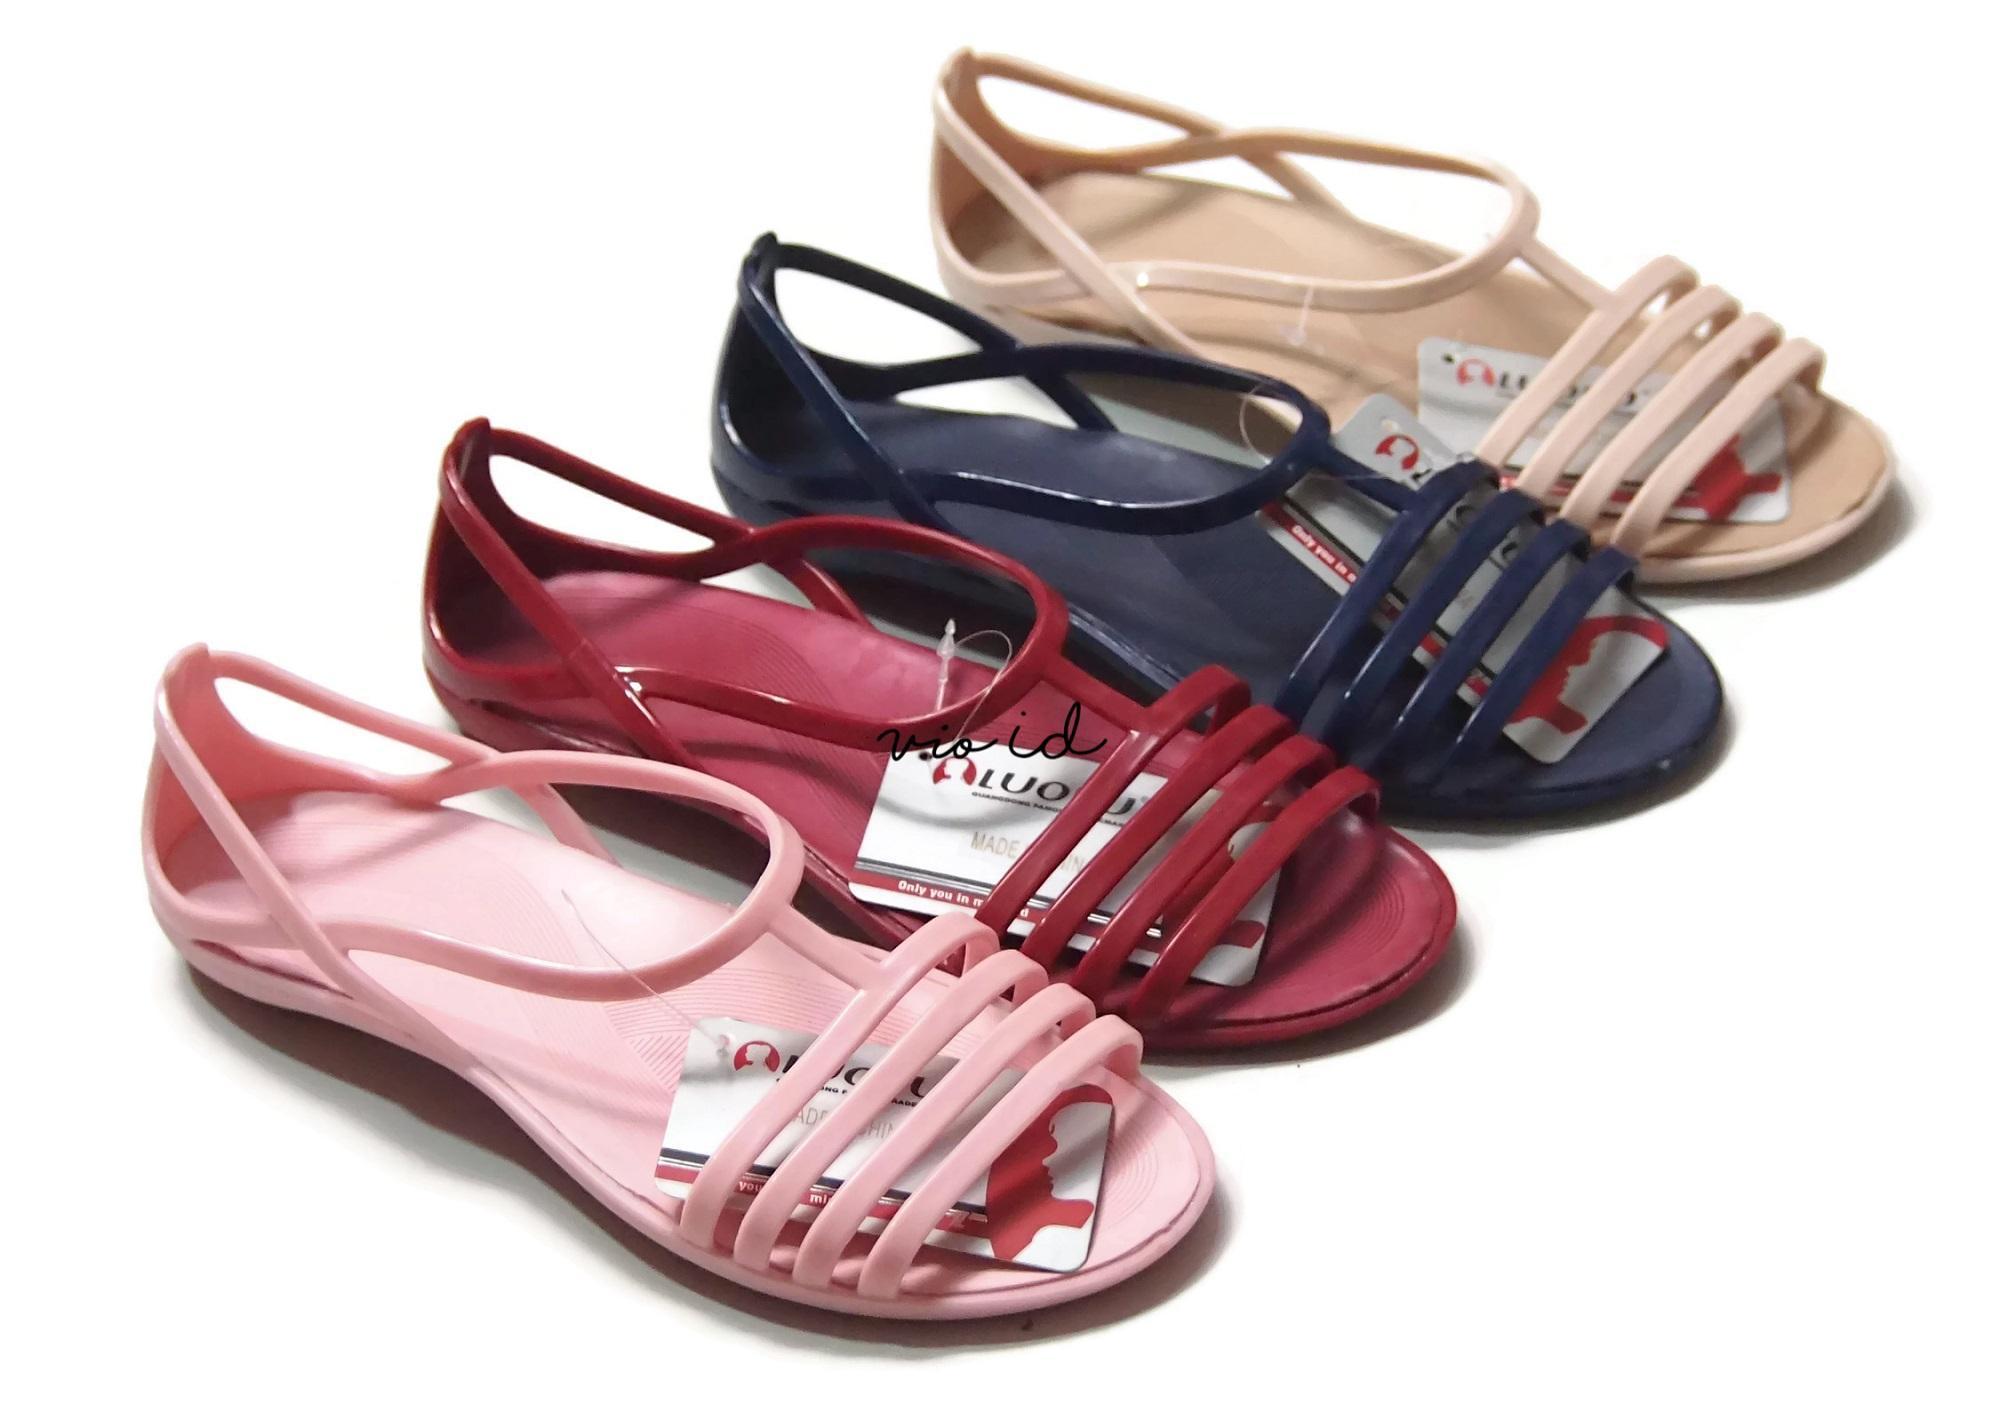 Fitur Sandal Karet Wanita Flat Shoes Sepatu Sendal Cewek Dan Harga